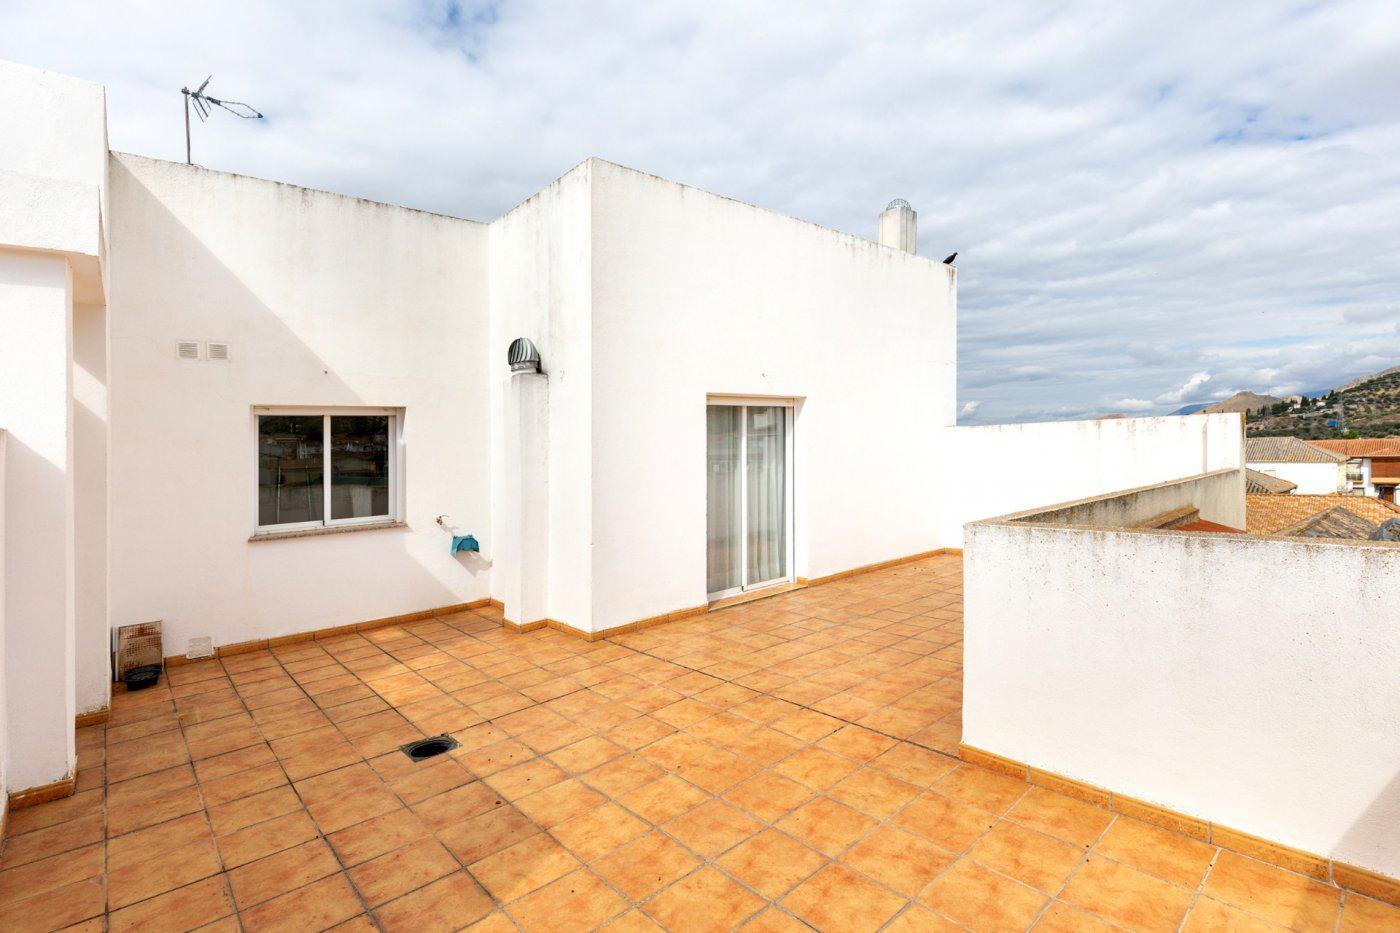 Imagen 1 Ático en venta en Atarfe / Zona céntrica de Atarfe, junto Avda. Andalucía